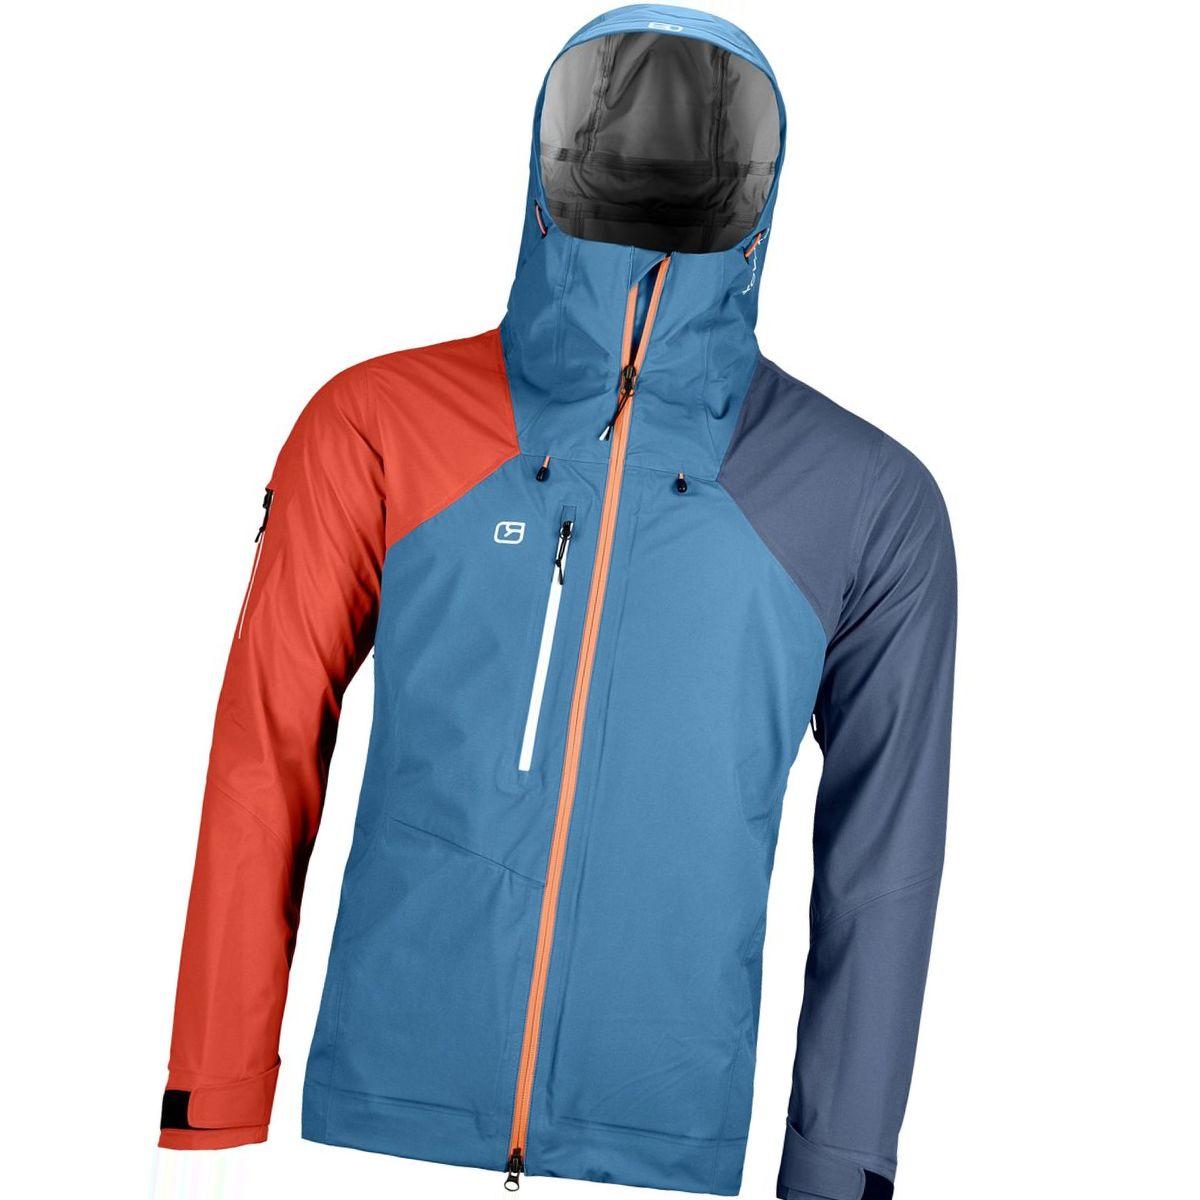 Ortovox 3L Ortler Jacket - Men's